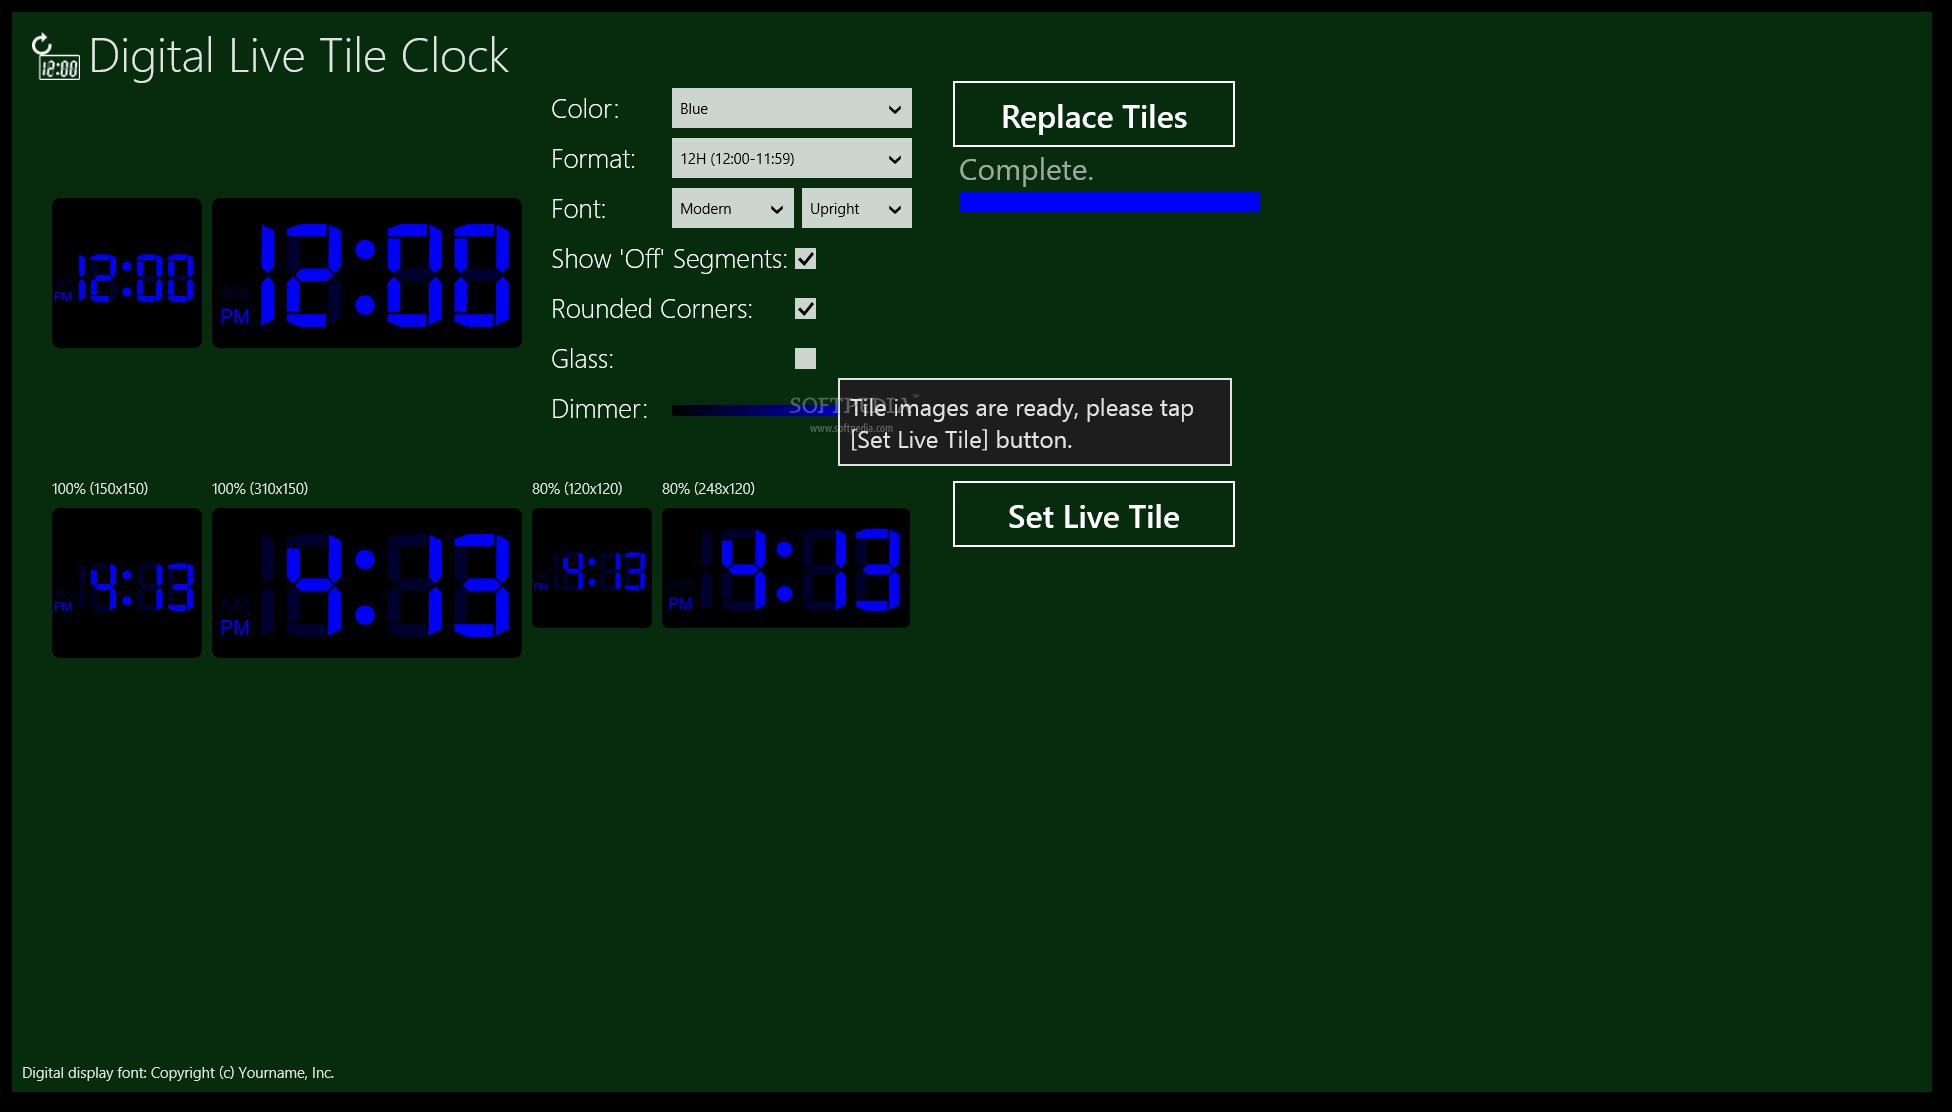 Download Digital Live Tile Clock For Windows 1081 1200